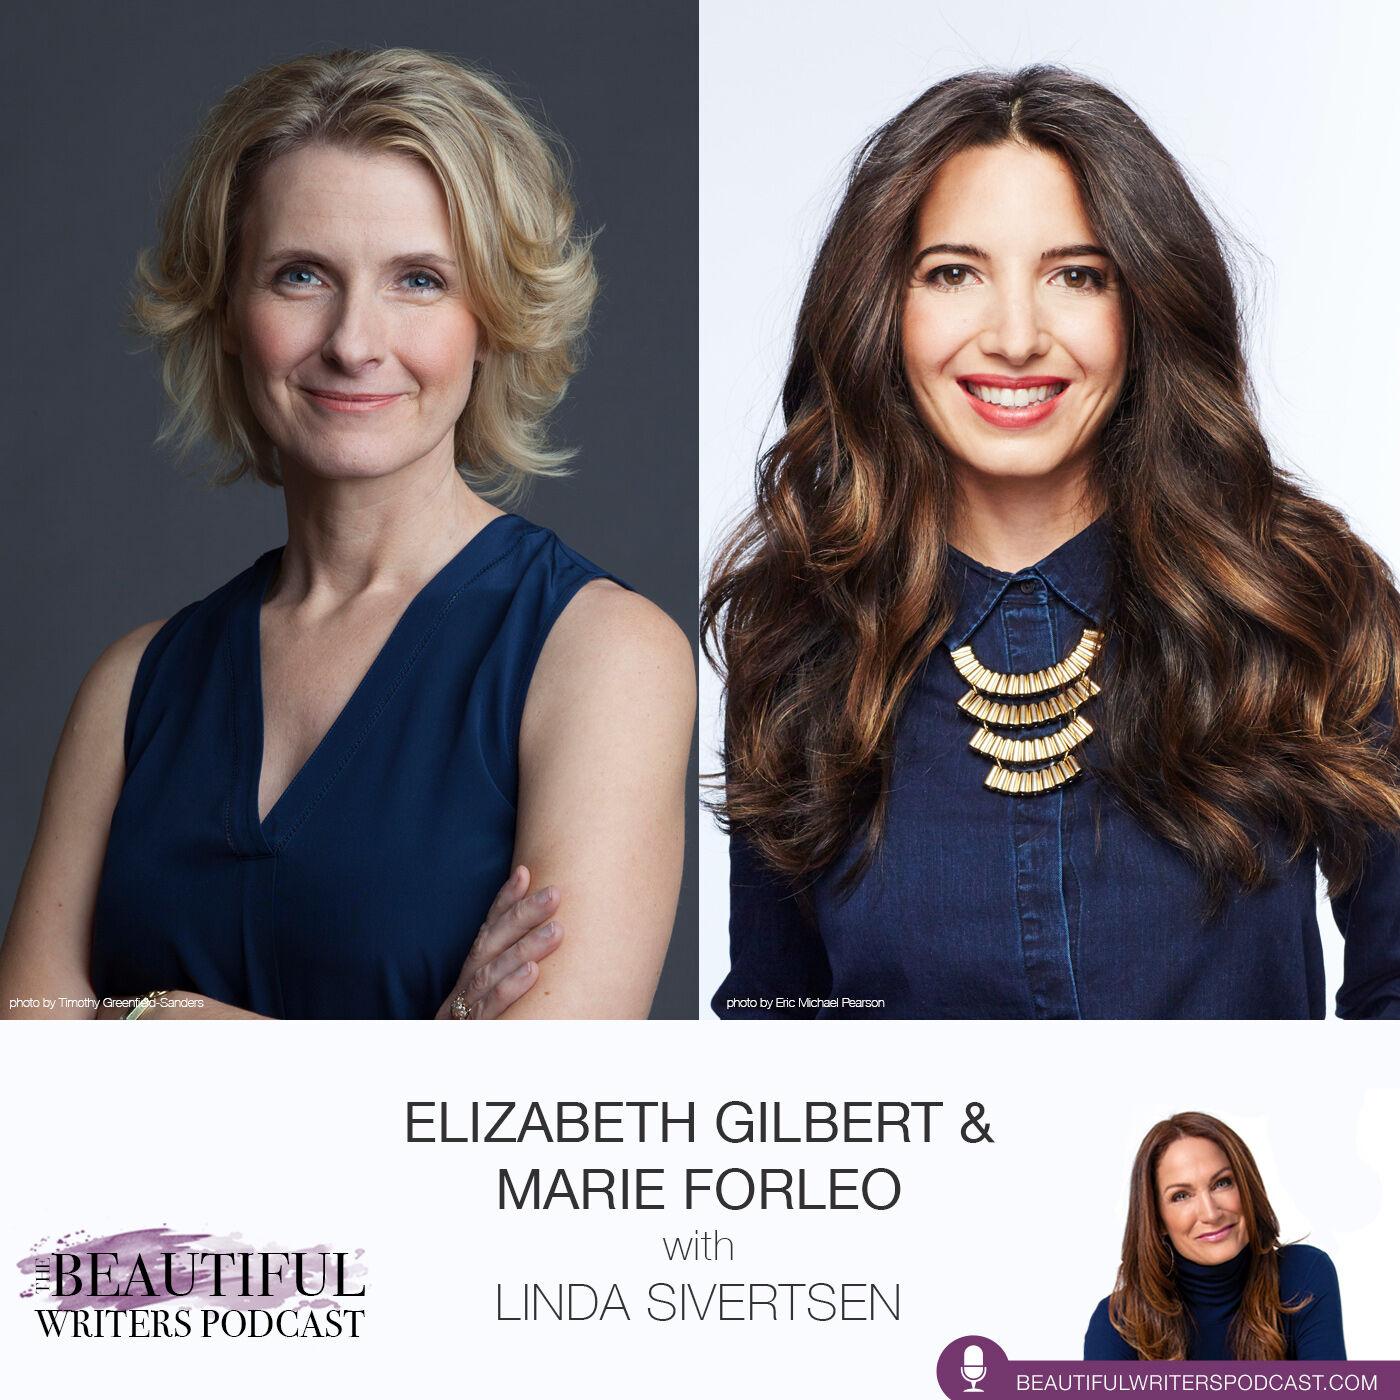 Elizabeth Gilbert & Marie Forleo: Behind the Bestsellers